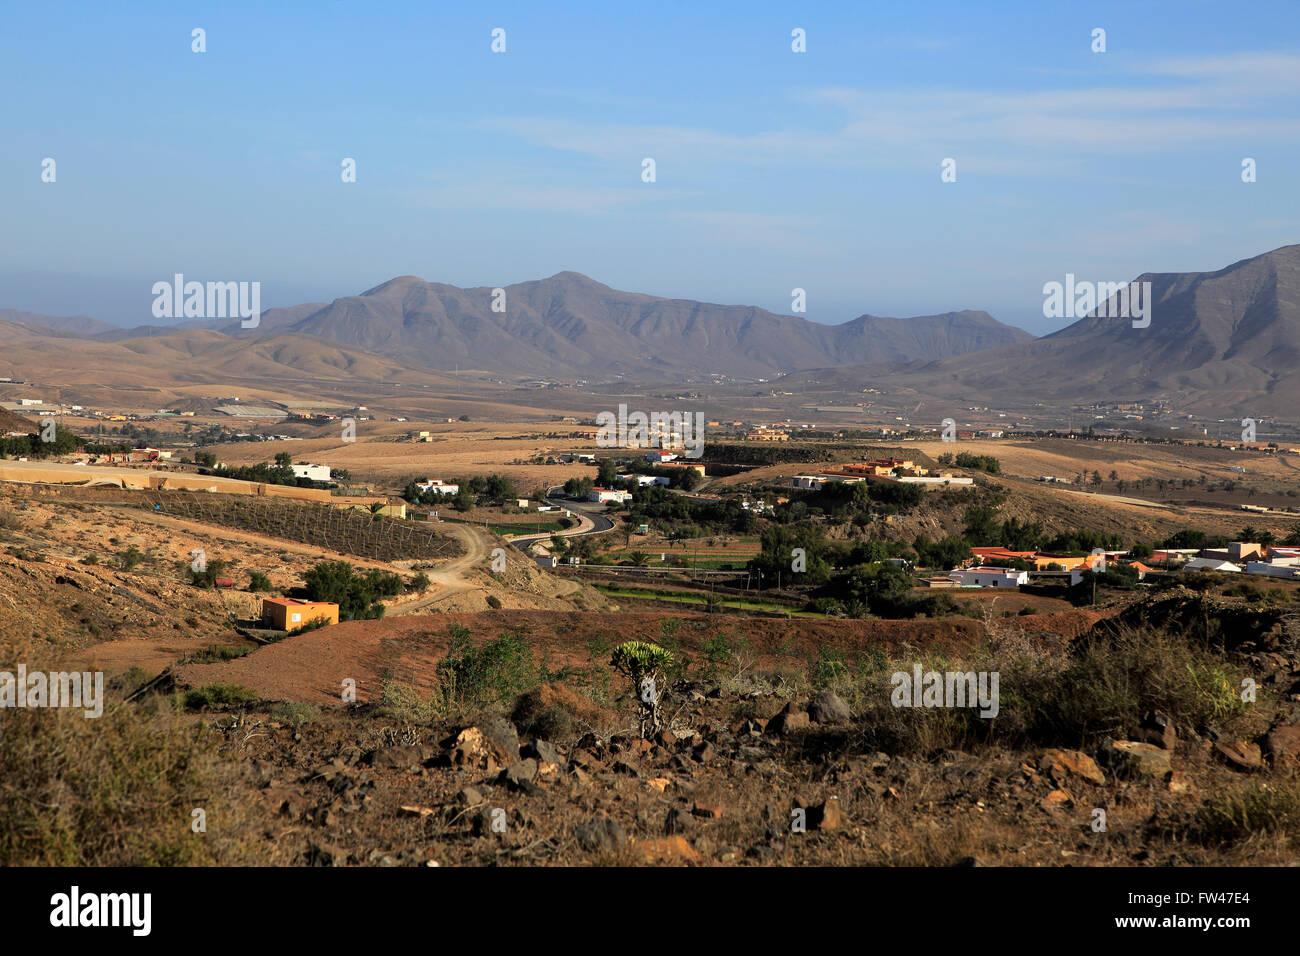 Überblick über Dorf und Landschaft, Cardon, Fuerteventura, Kanarische Inseln, Spanien Stockbild